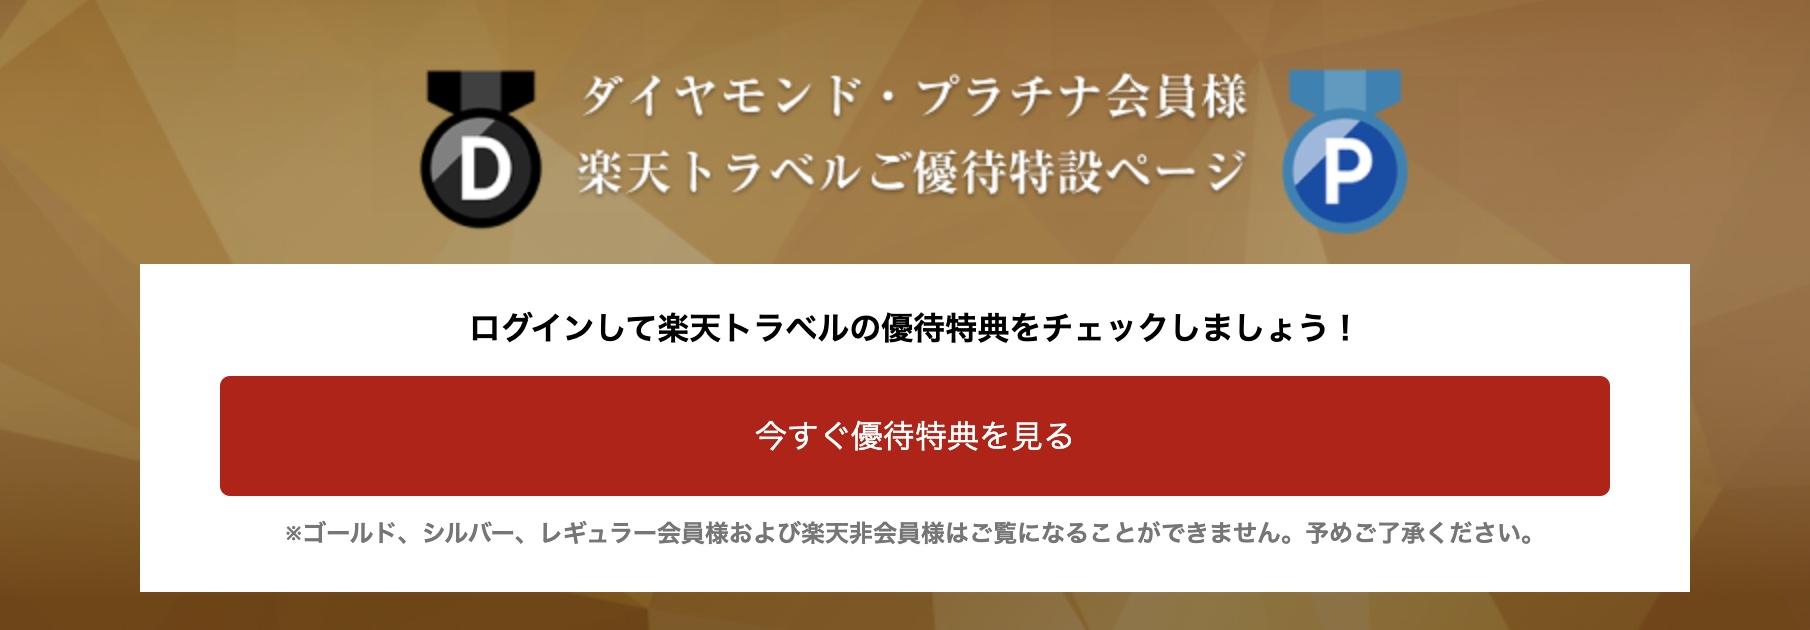 ダイヤモンド・プラチナ会員-楽天トラベル